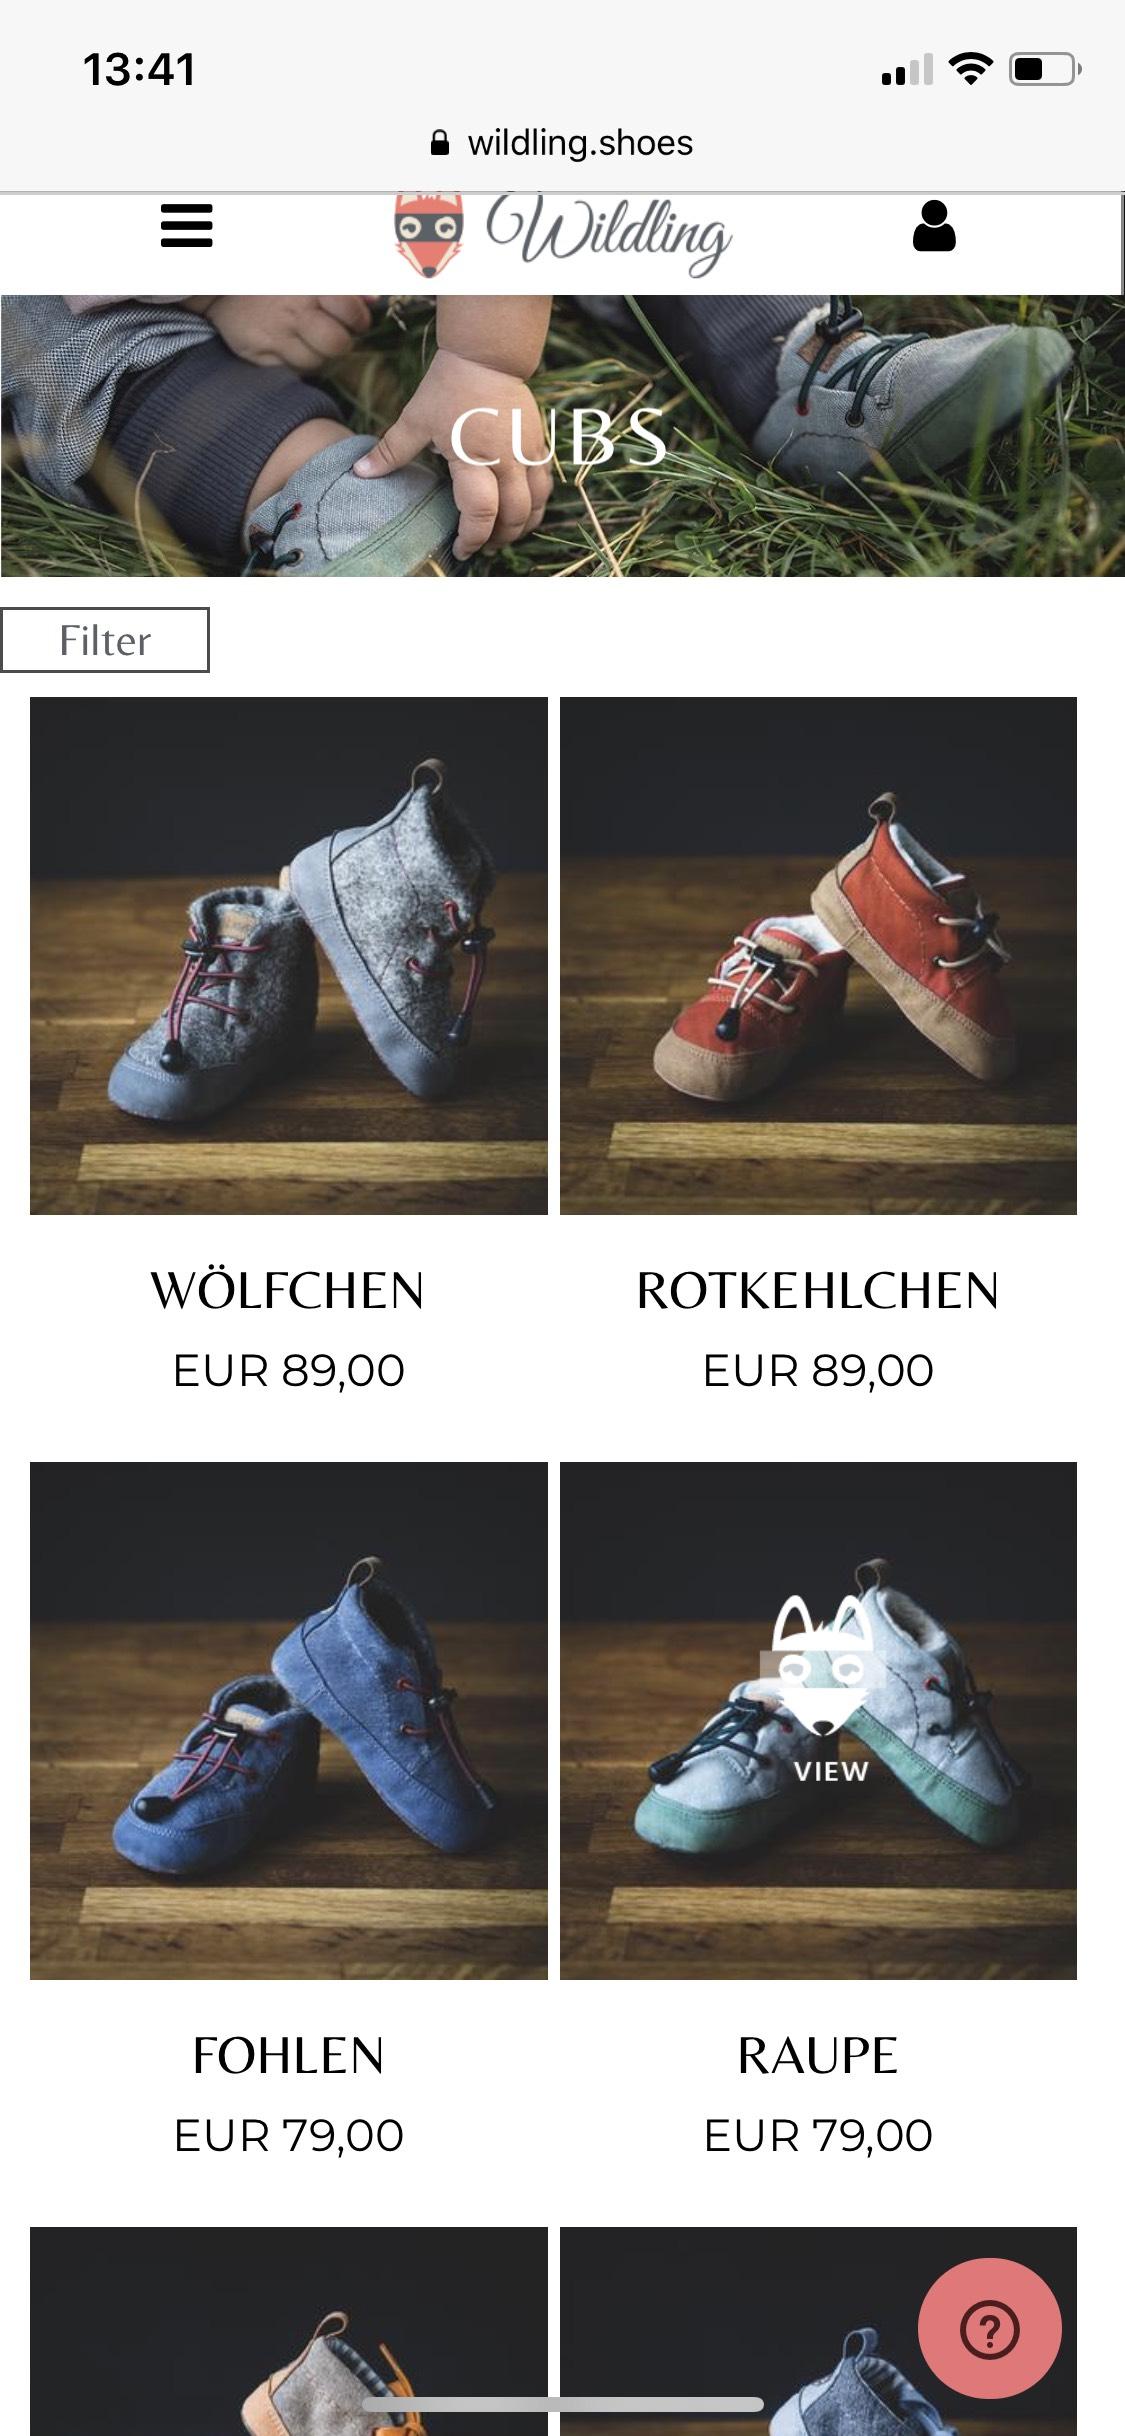 Wildling Shoes Winter Sale 20% auf Herbst/Winter Kollektion Barfußschuhe Lauflernschuhe